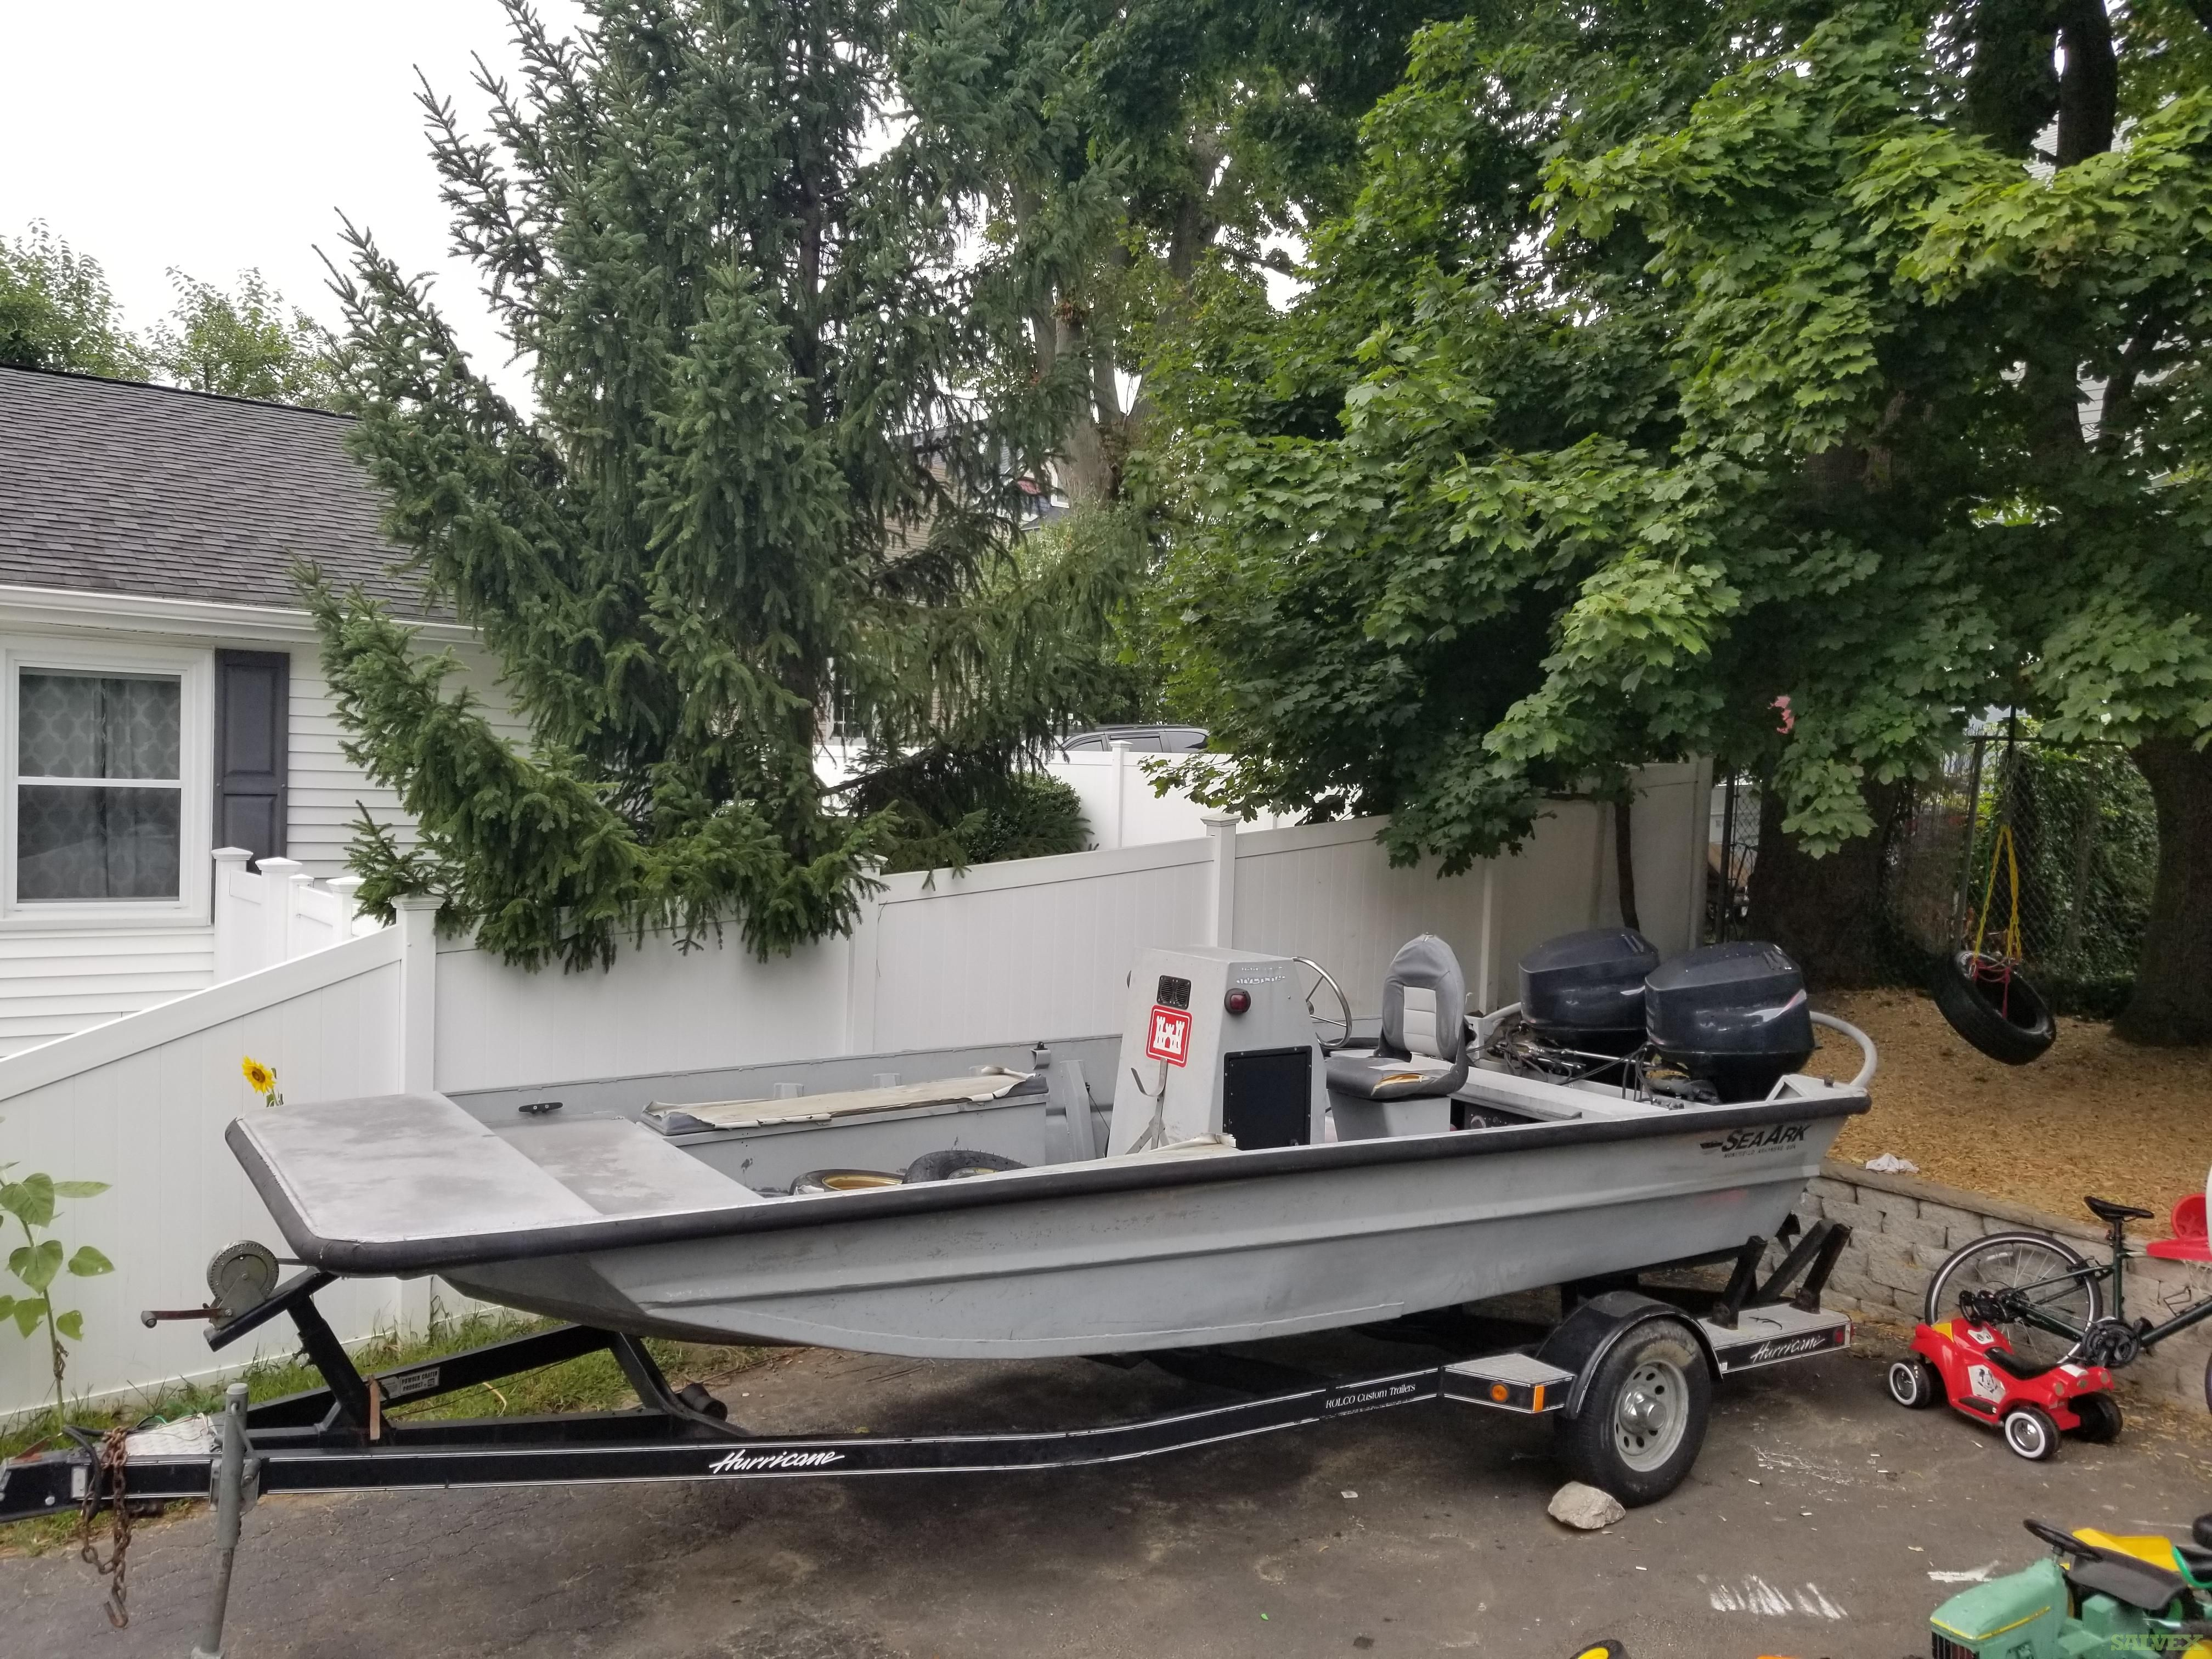 Sea Ark RiverRunner 18ft Boat 1997